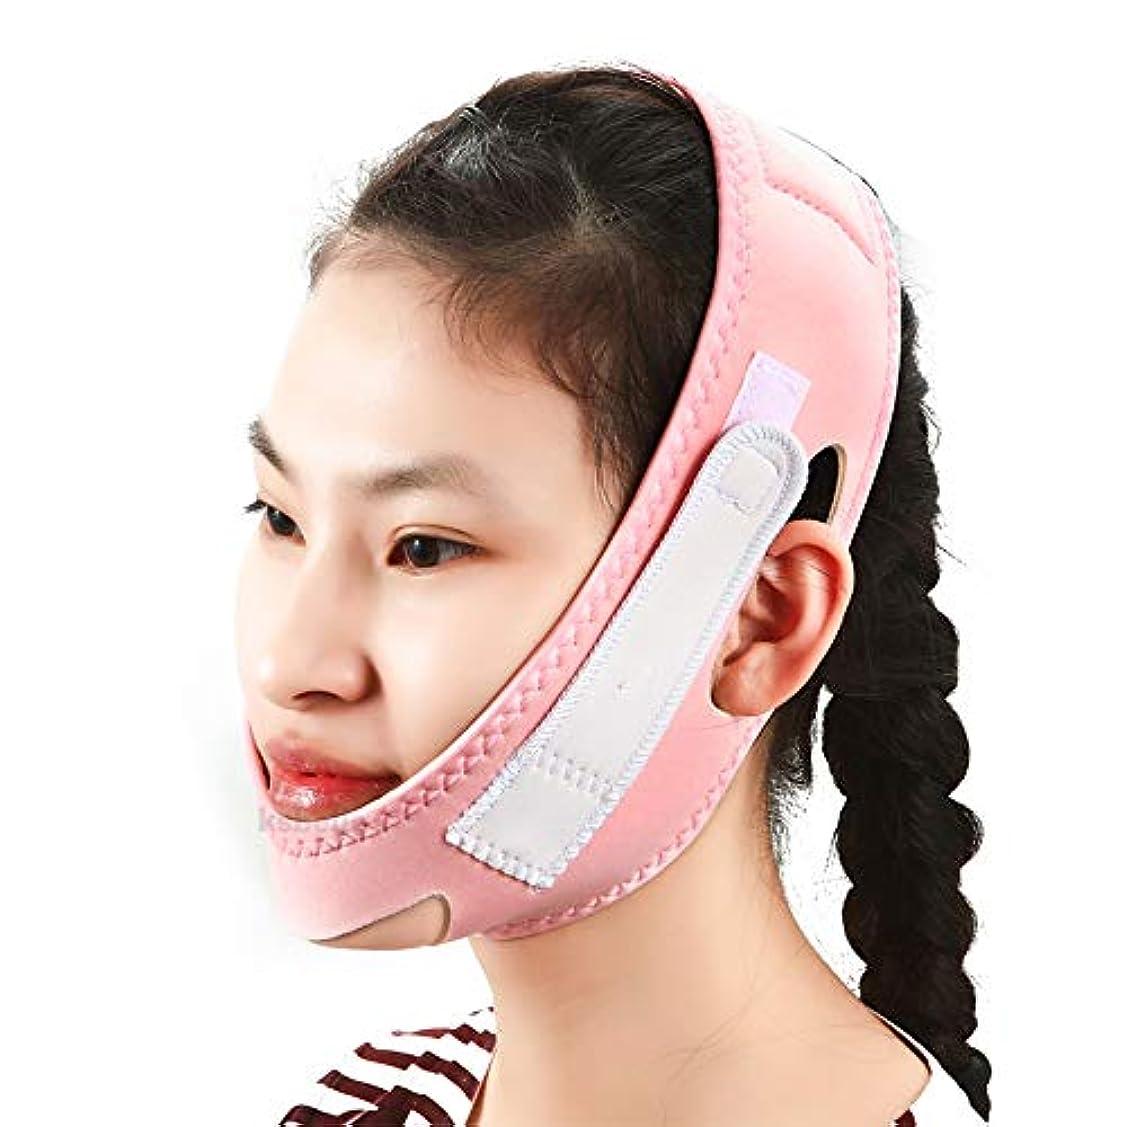 教室核に向けて出発フェイススリムVラインリフトアップマスクチークチンネックスリム薄いベルトストラップ美容繊細な顔の薄いフェイスマスク痩身包帯